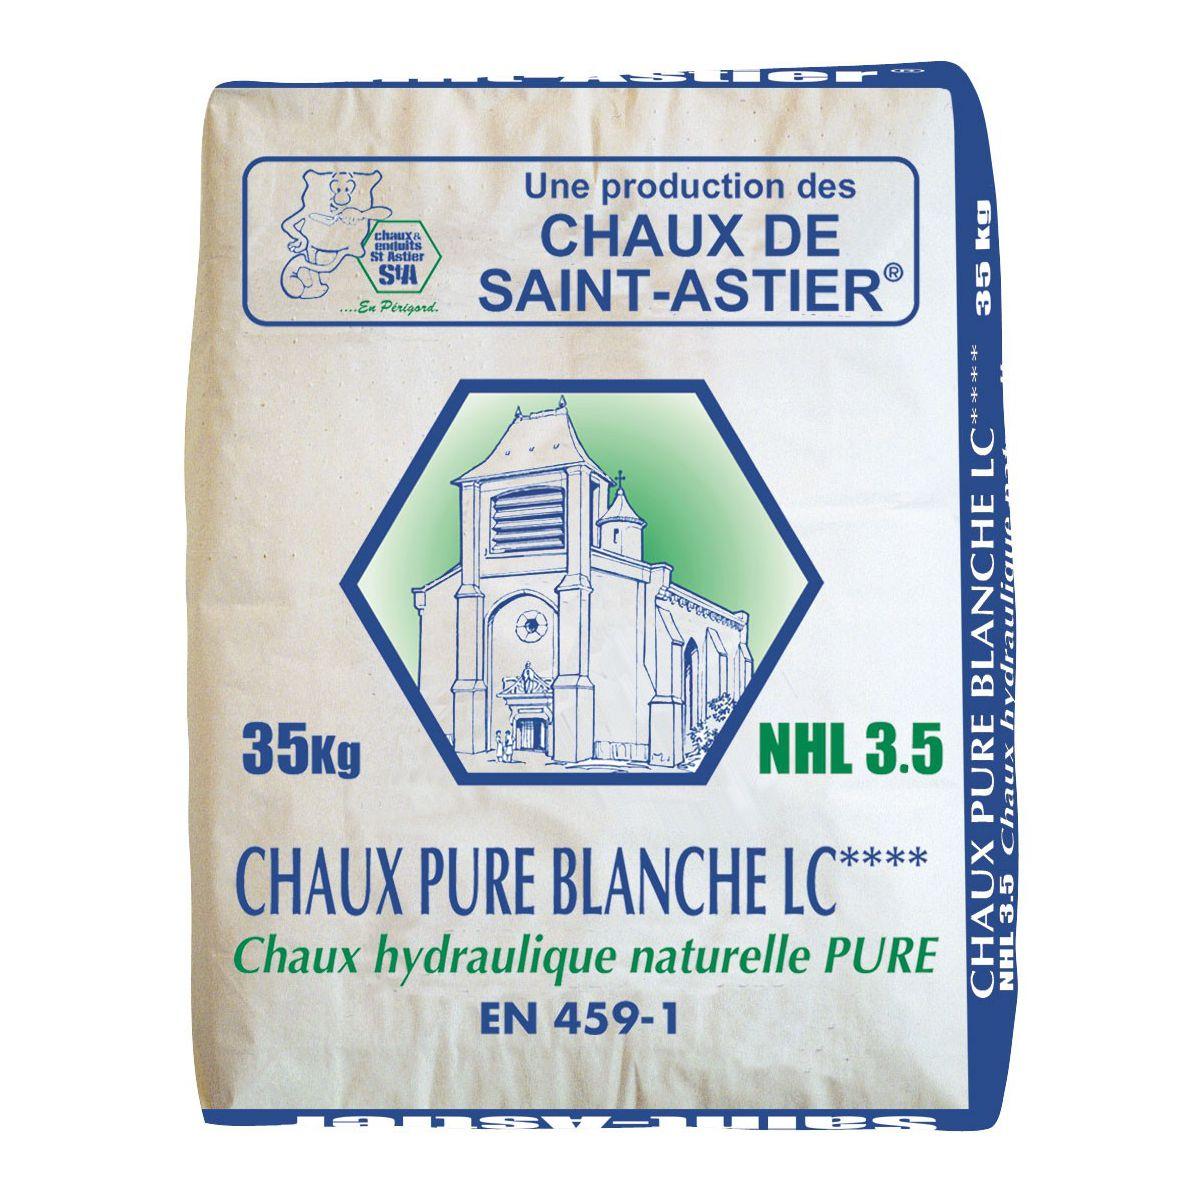 La chaux pure blanche nhl3 5 - Chaux st astier ...